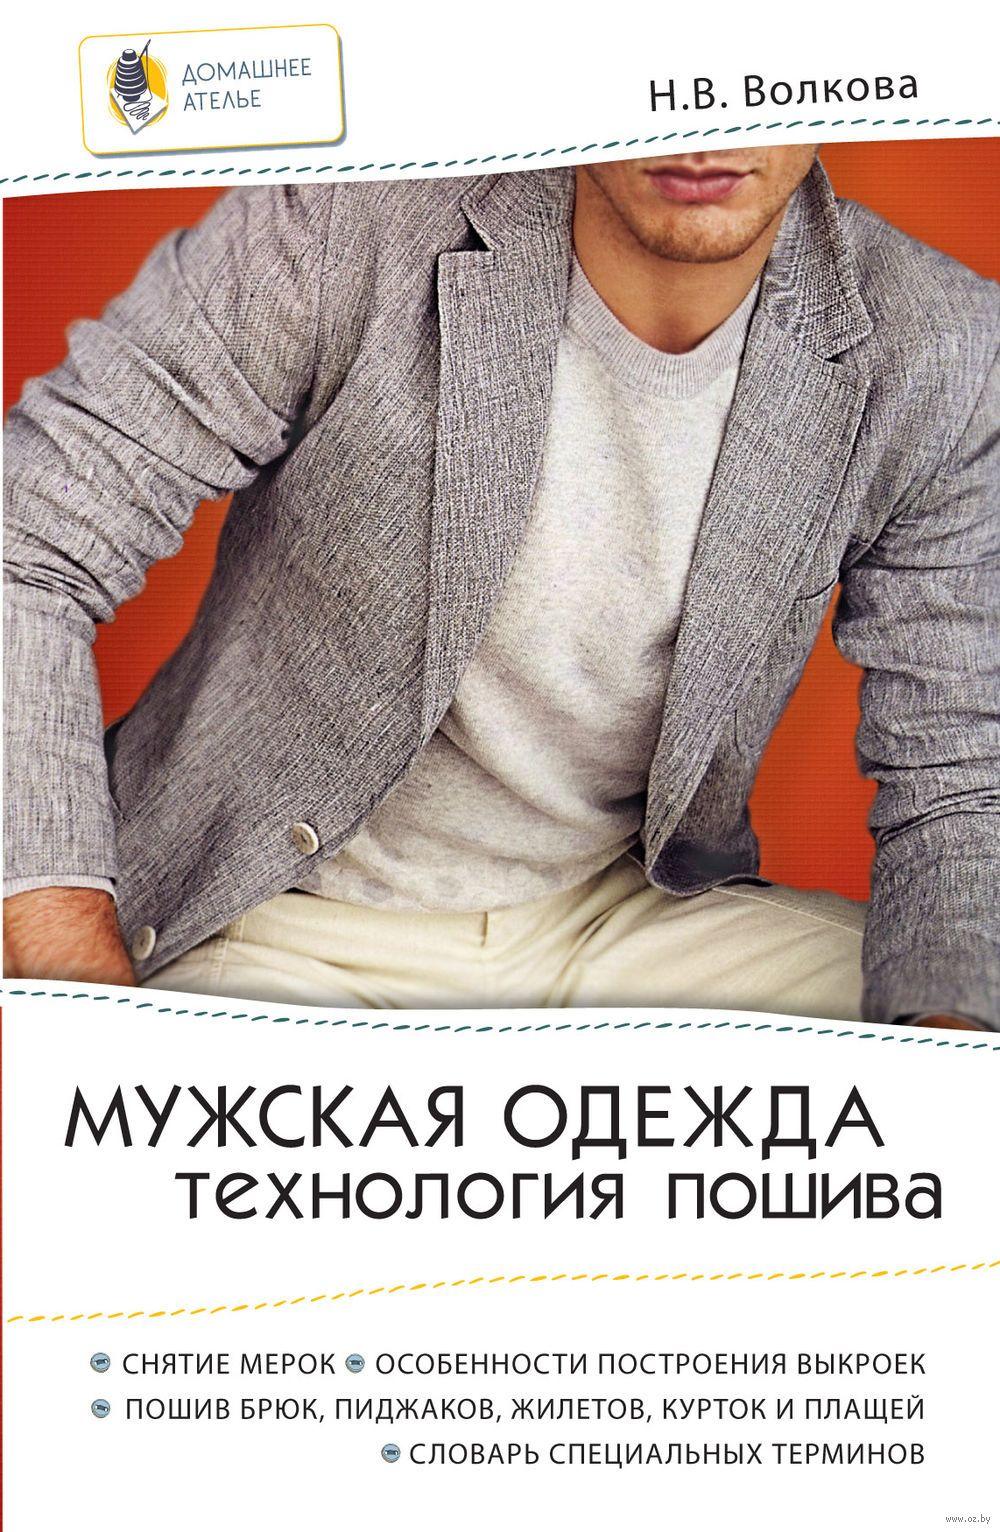 a7e79d346f58 Мужская одежда. Технология пошива» Наталия Волкова - купить книгу ...